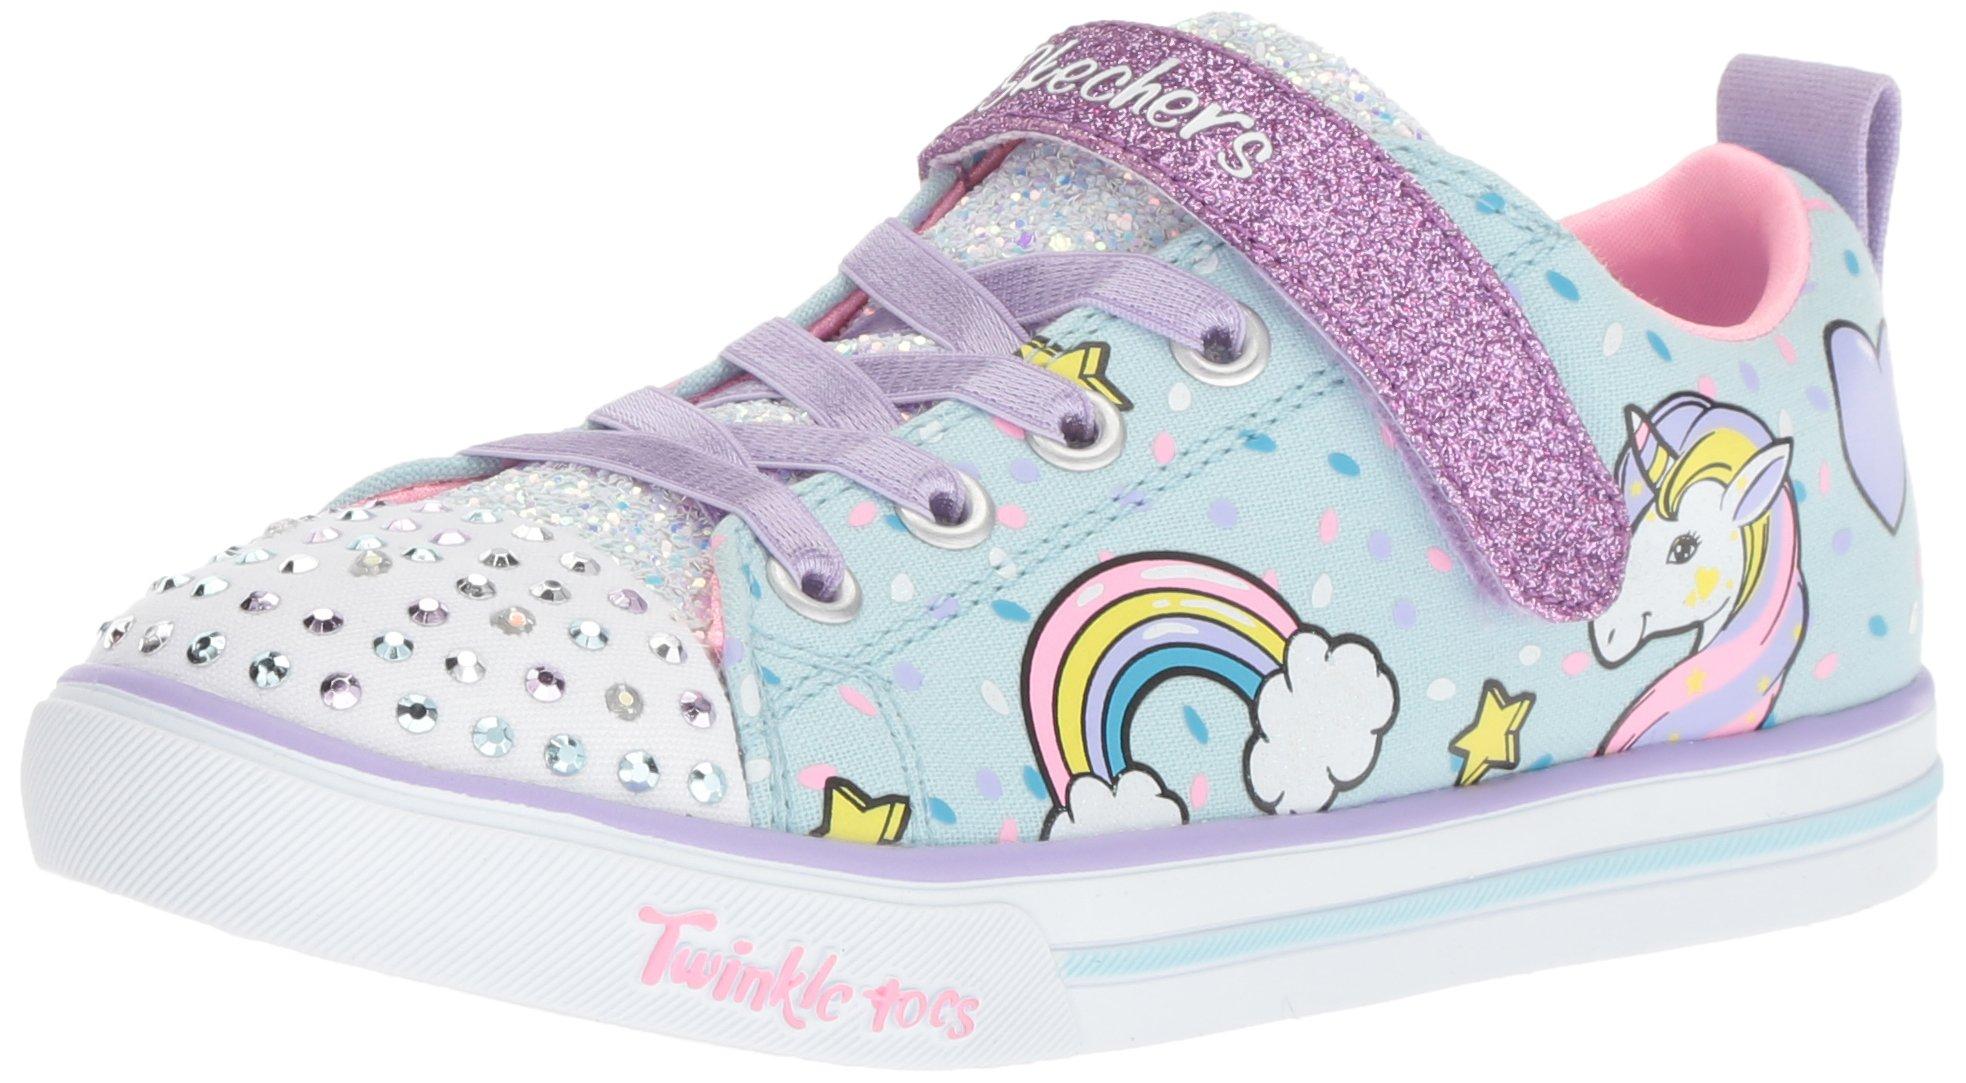 Skechers Kids Girls' Sparkle LITE-Unicorn Craze Sneaker, Light Blue/Multi, 9 Medium US Toddler